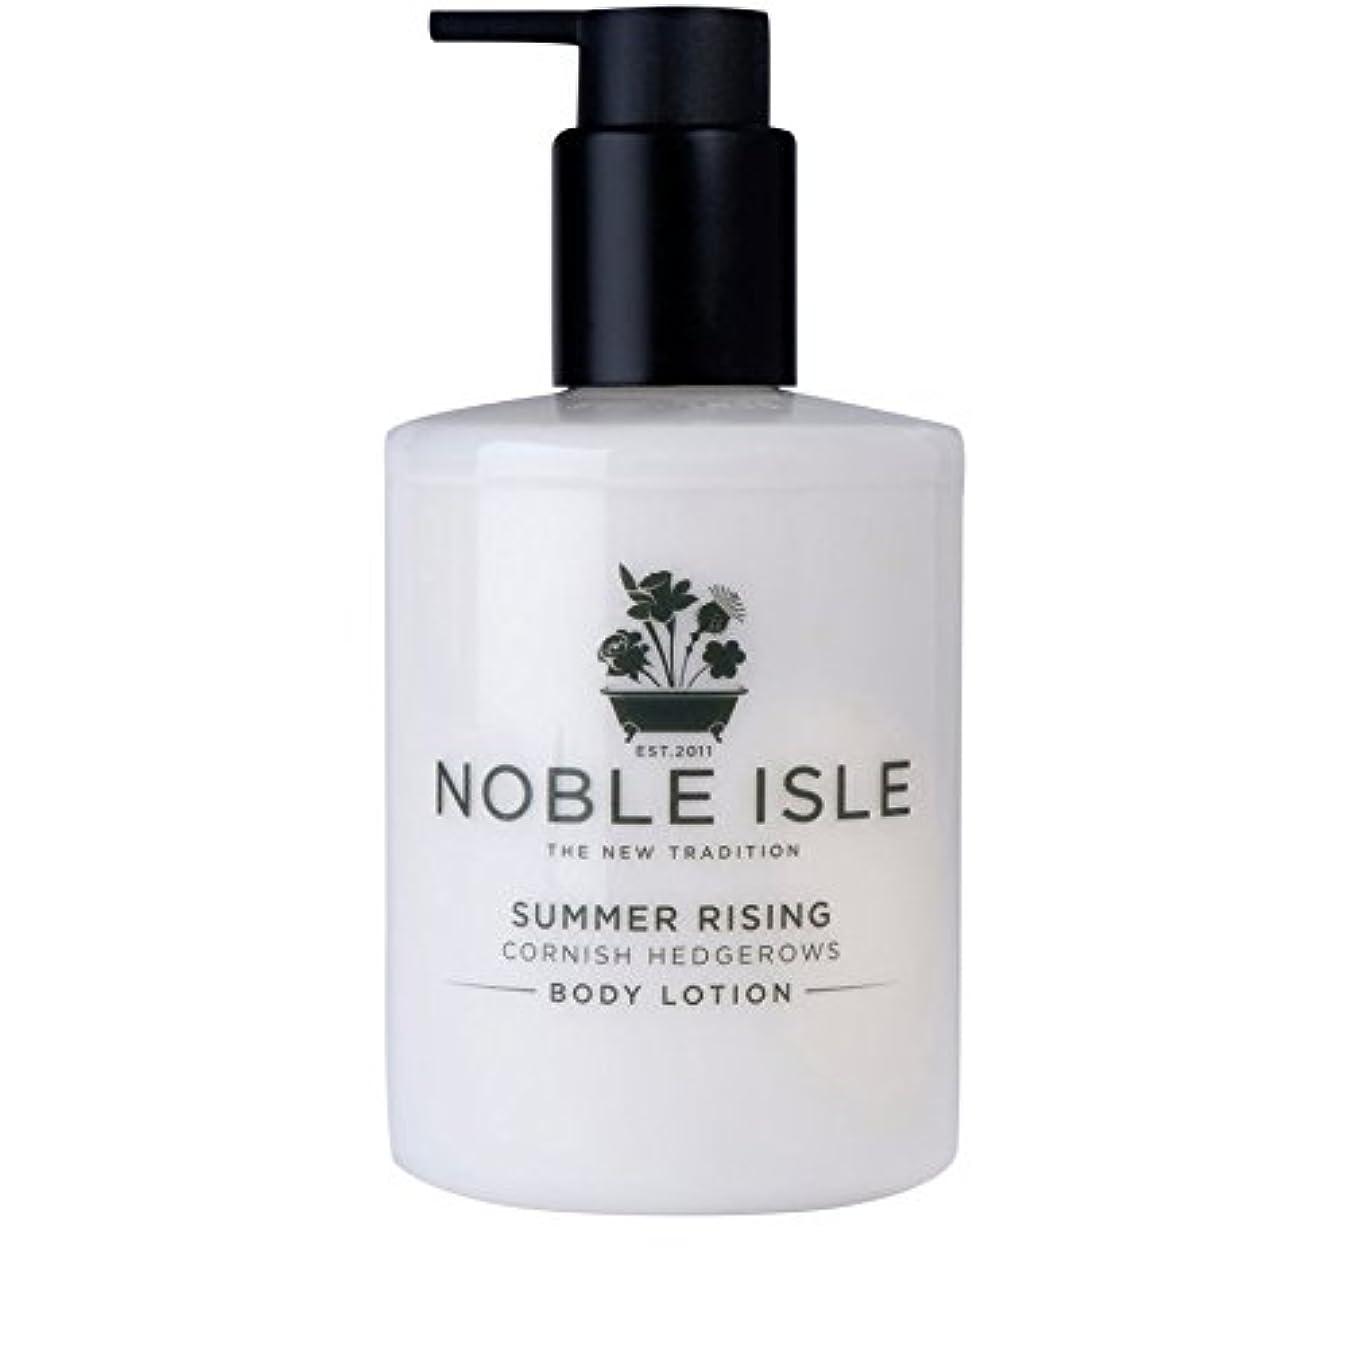 不一致質素なランデブーコーニッシュ生け垣ボディローション250ミリリットルを上昇高貴な島の夏 x4 - Noble Isle Summer Rising Cornish Hedgerows Body Lotion 250ml (Pack of 4) [並行輸入品]